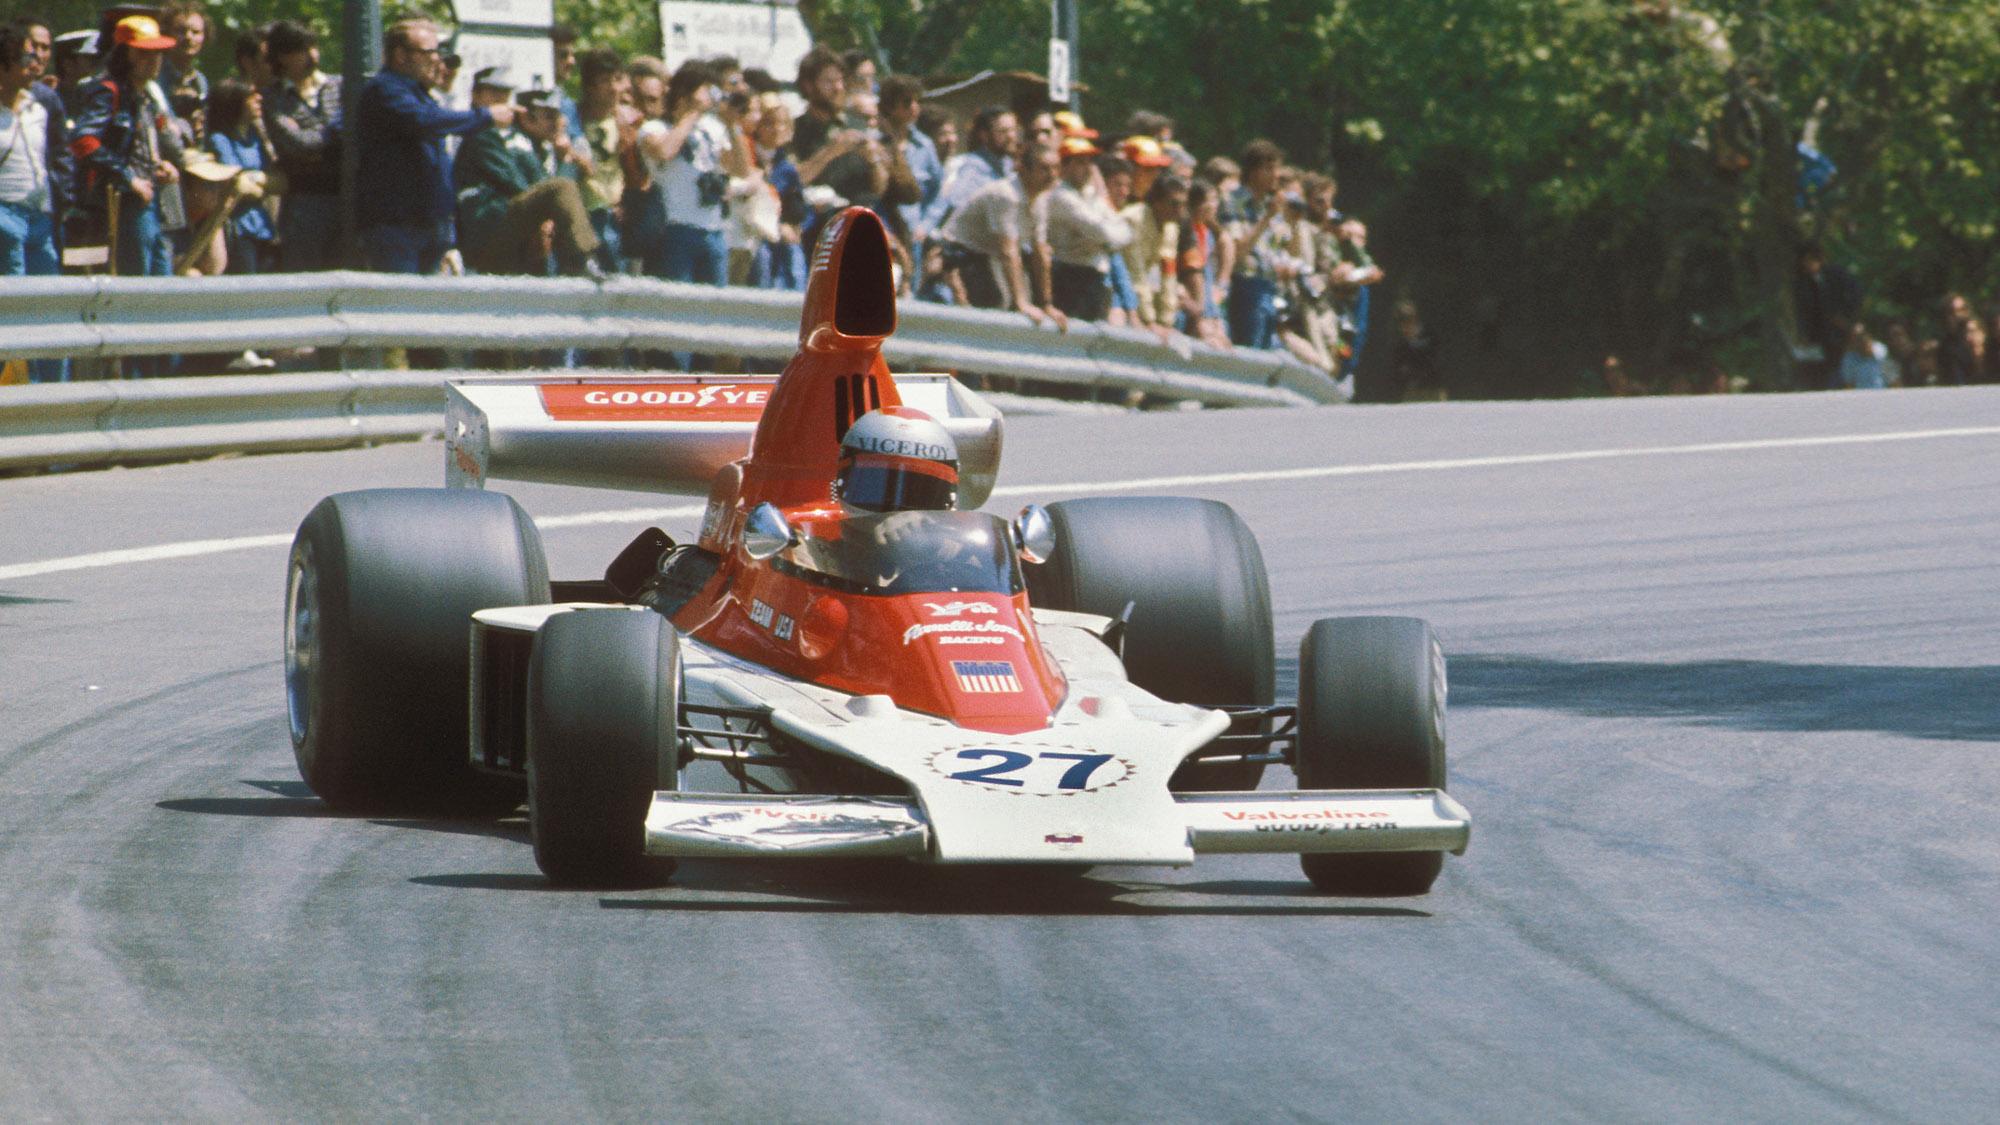 Mario Andretti in the VPJ-4 qt the 1976 Spanish Grand Prix